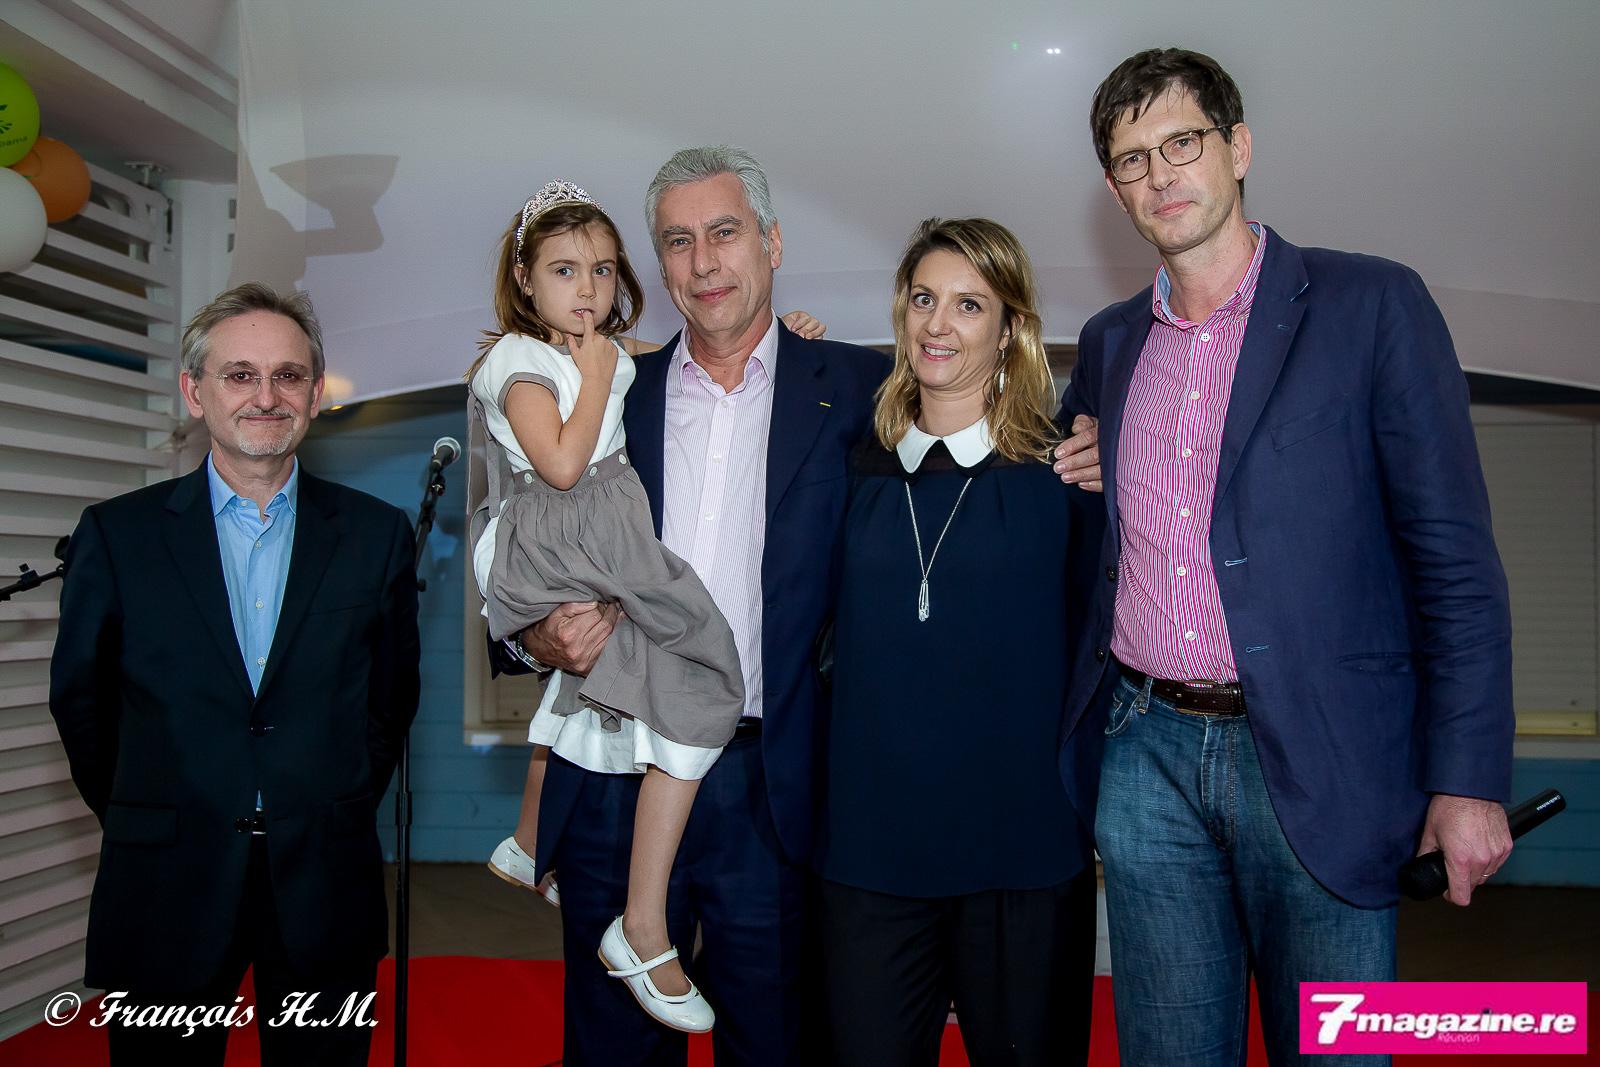 Alain Baudry, le directeur général de Groupama Océan Indien, Bernard Veber avec son épouse et leur fille, et Thierry Martel, directeur général de Groupama SA